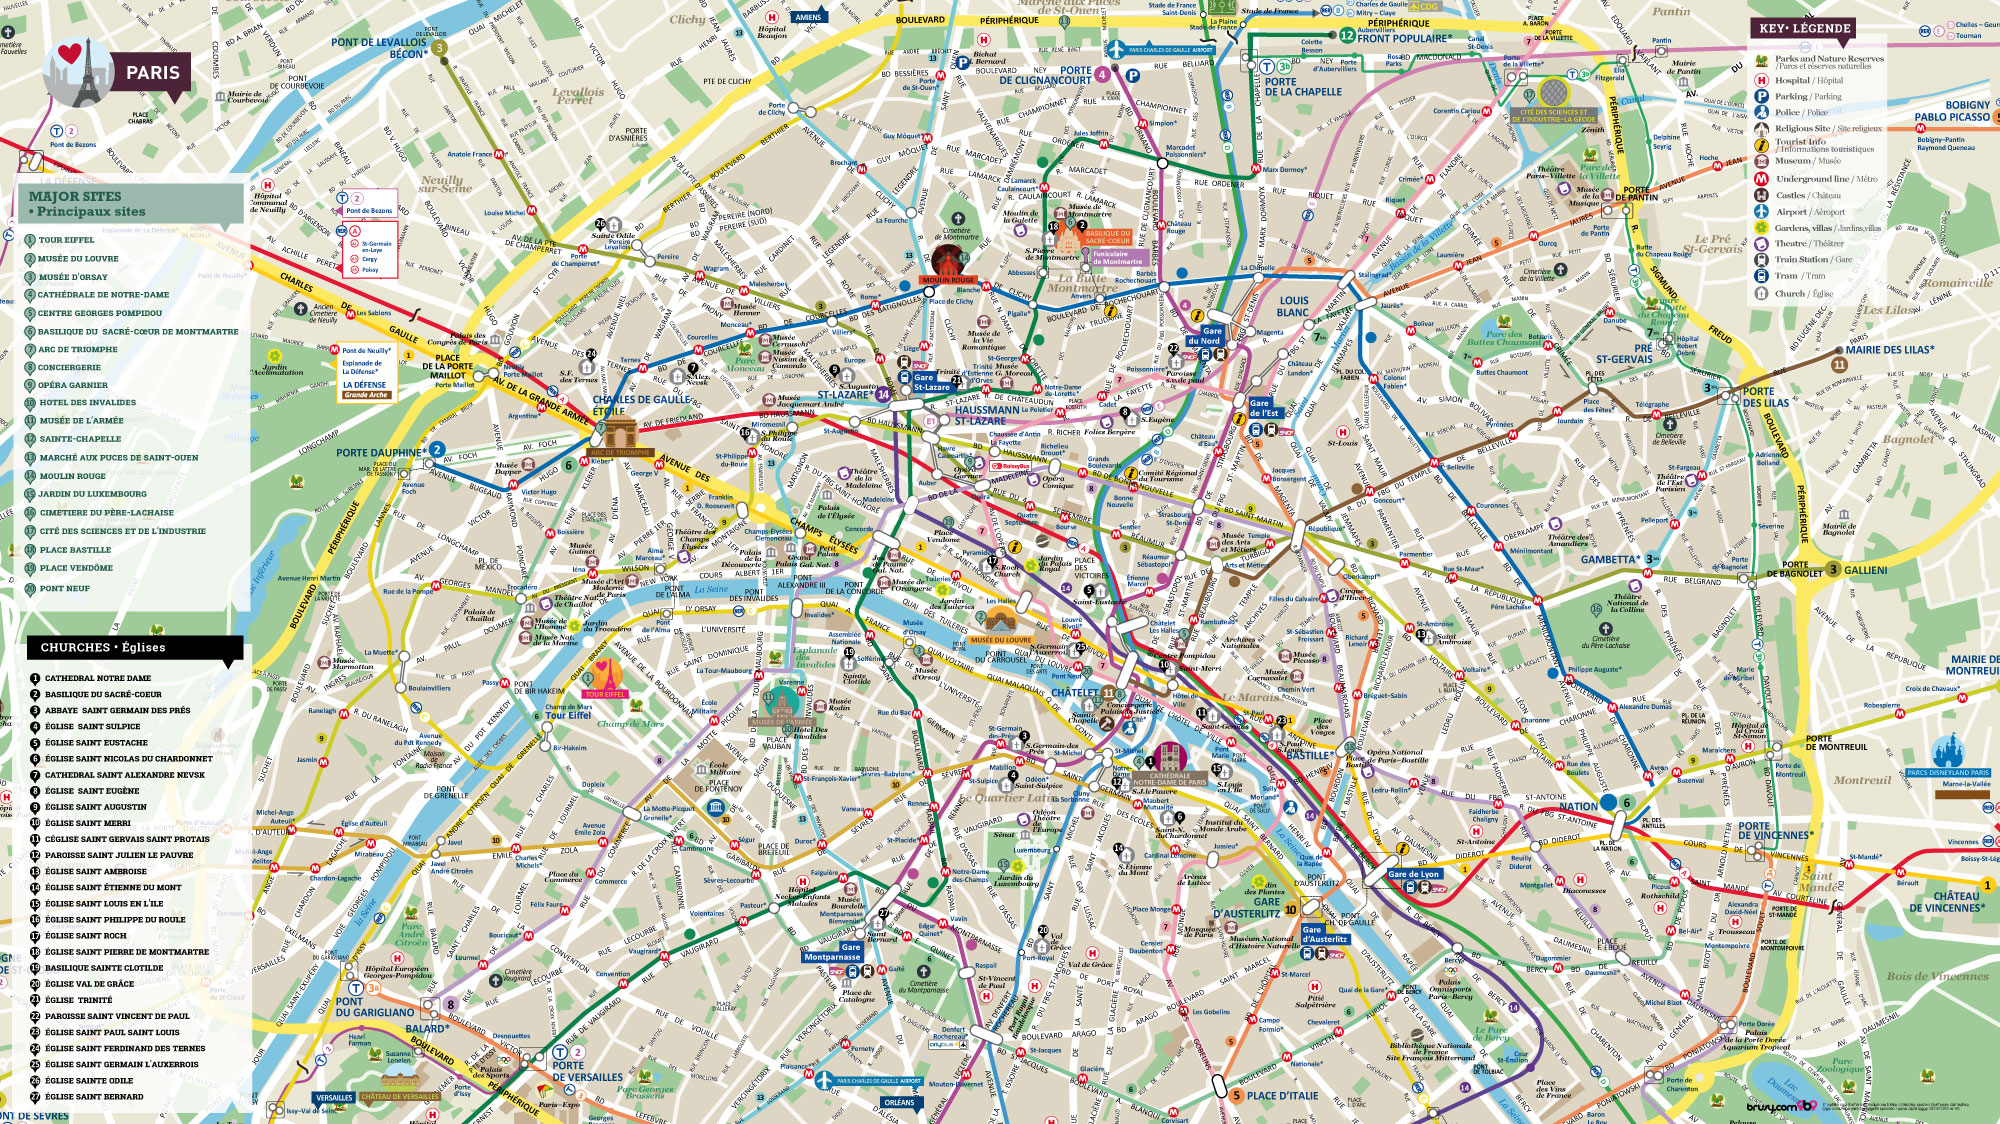 Halldis parigi mappa brusy personalizzata mappa di parigi for Parigi non turistica